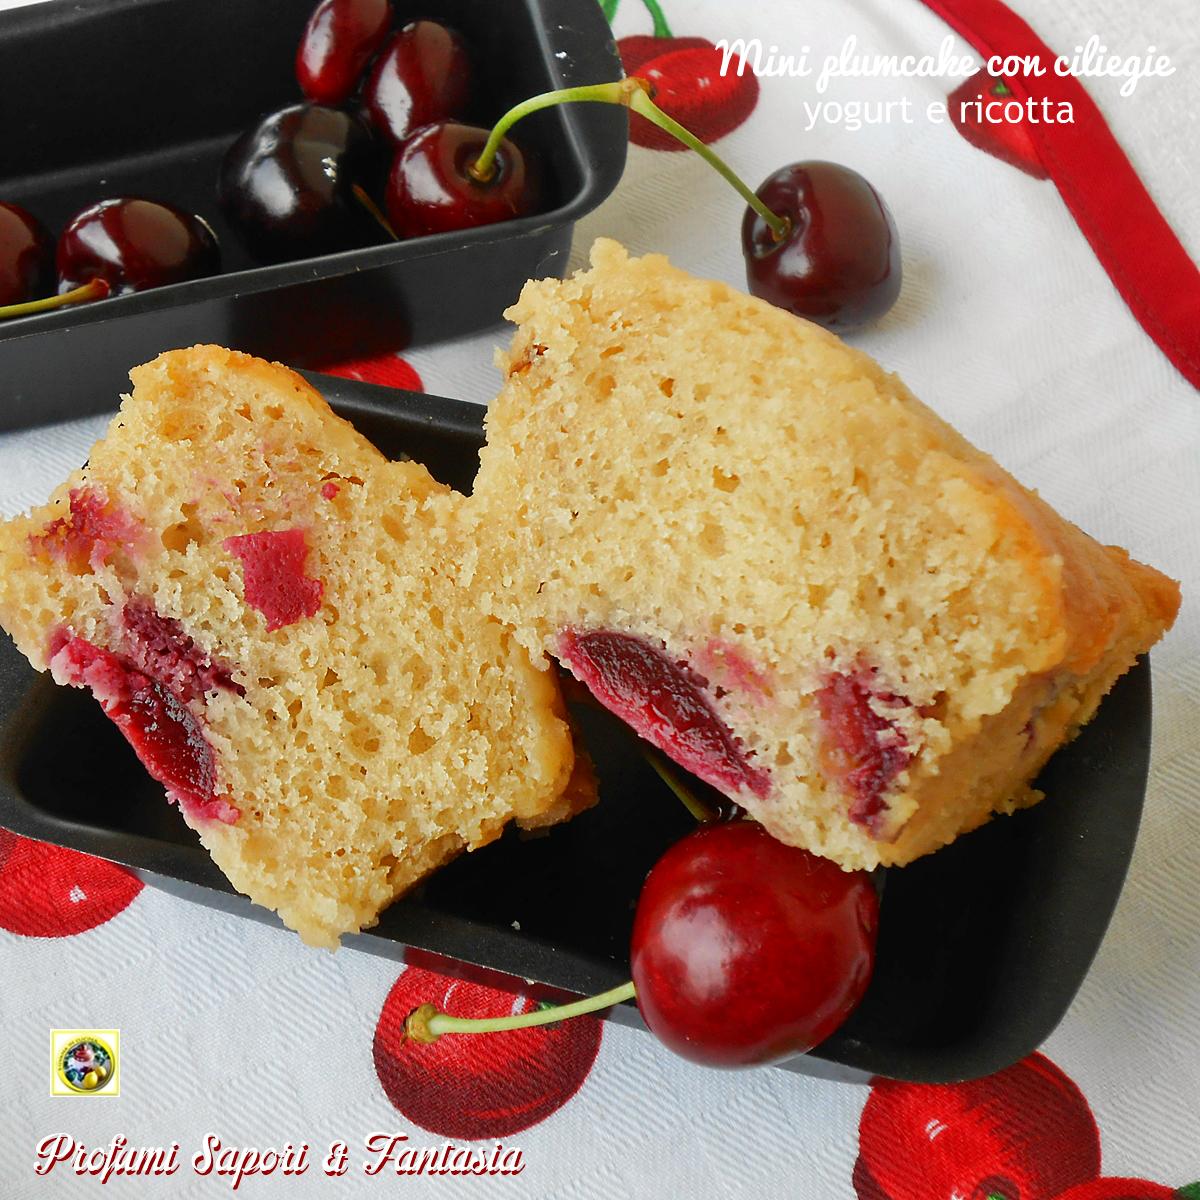 Mini plumcake con ciliegie yogurt e ricotta